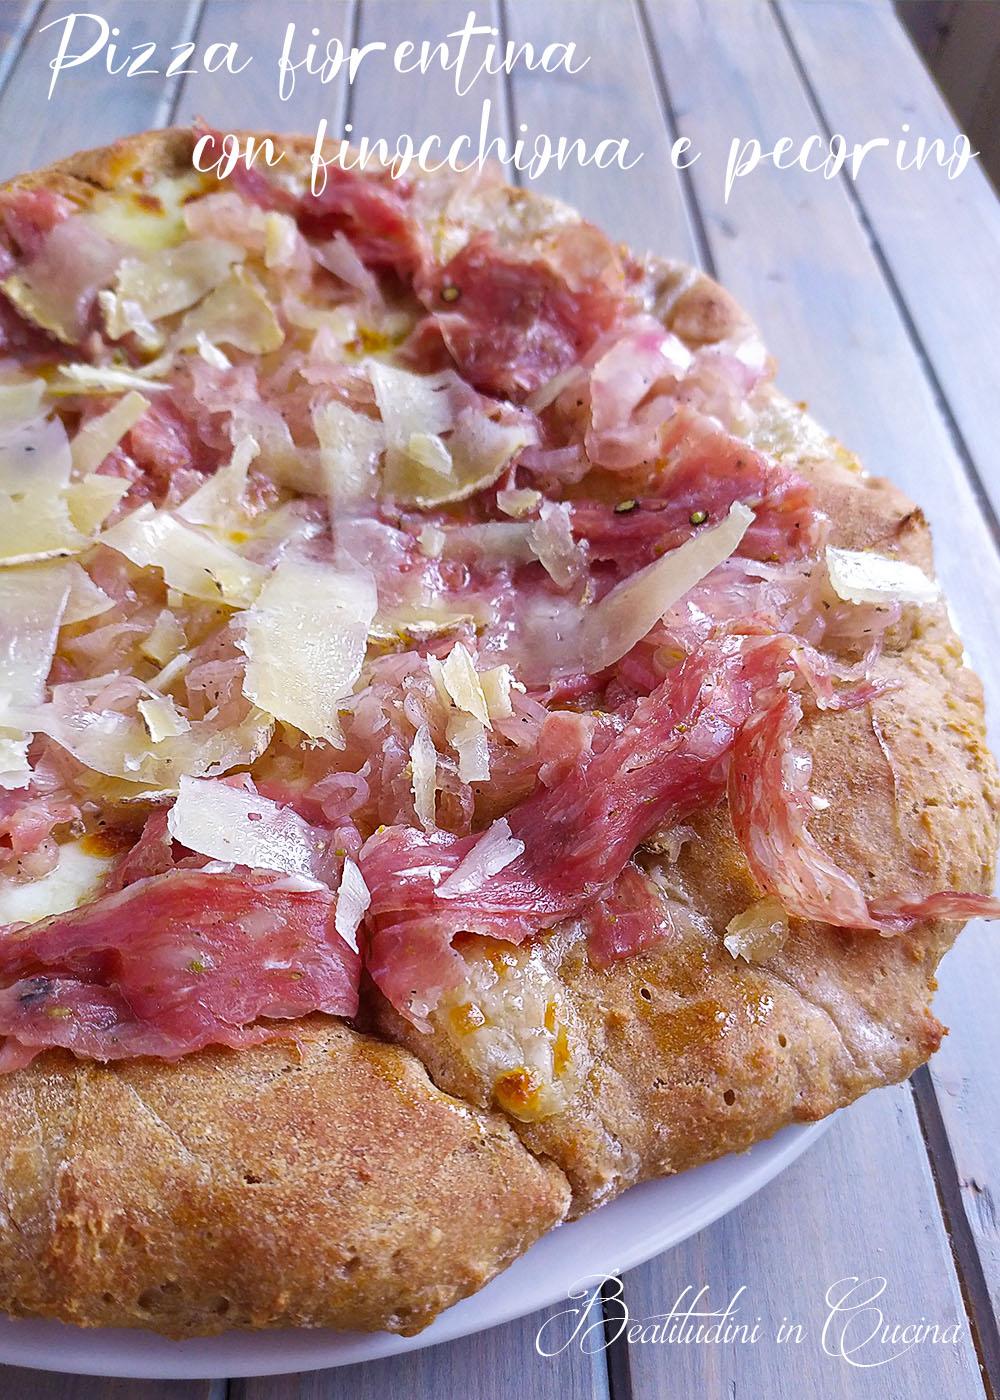 Pizza fiorentina con finocchiona e pecorino1